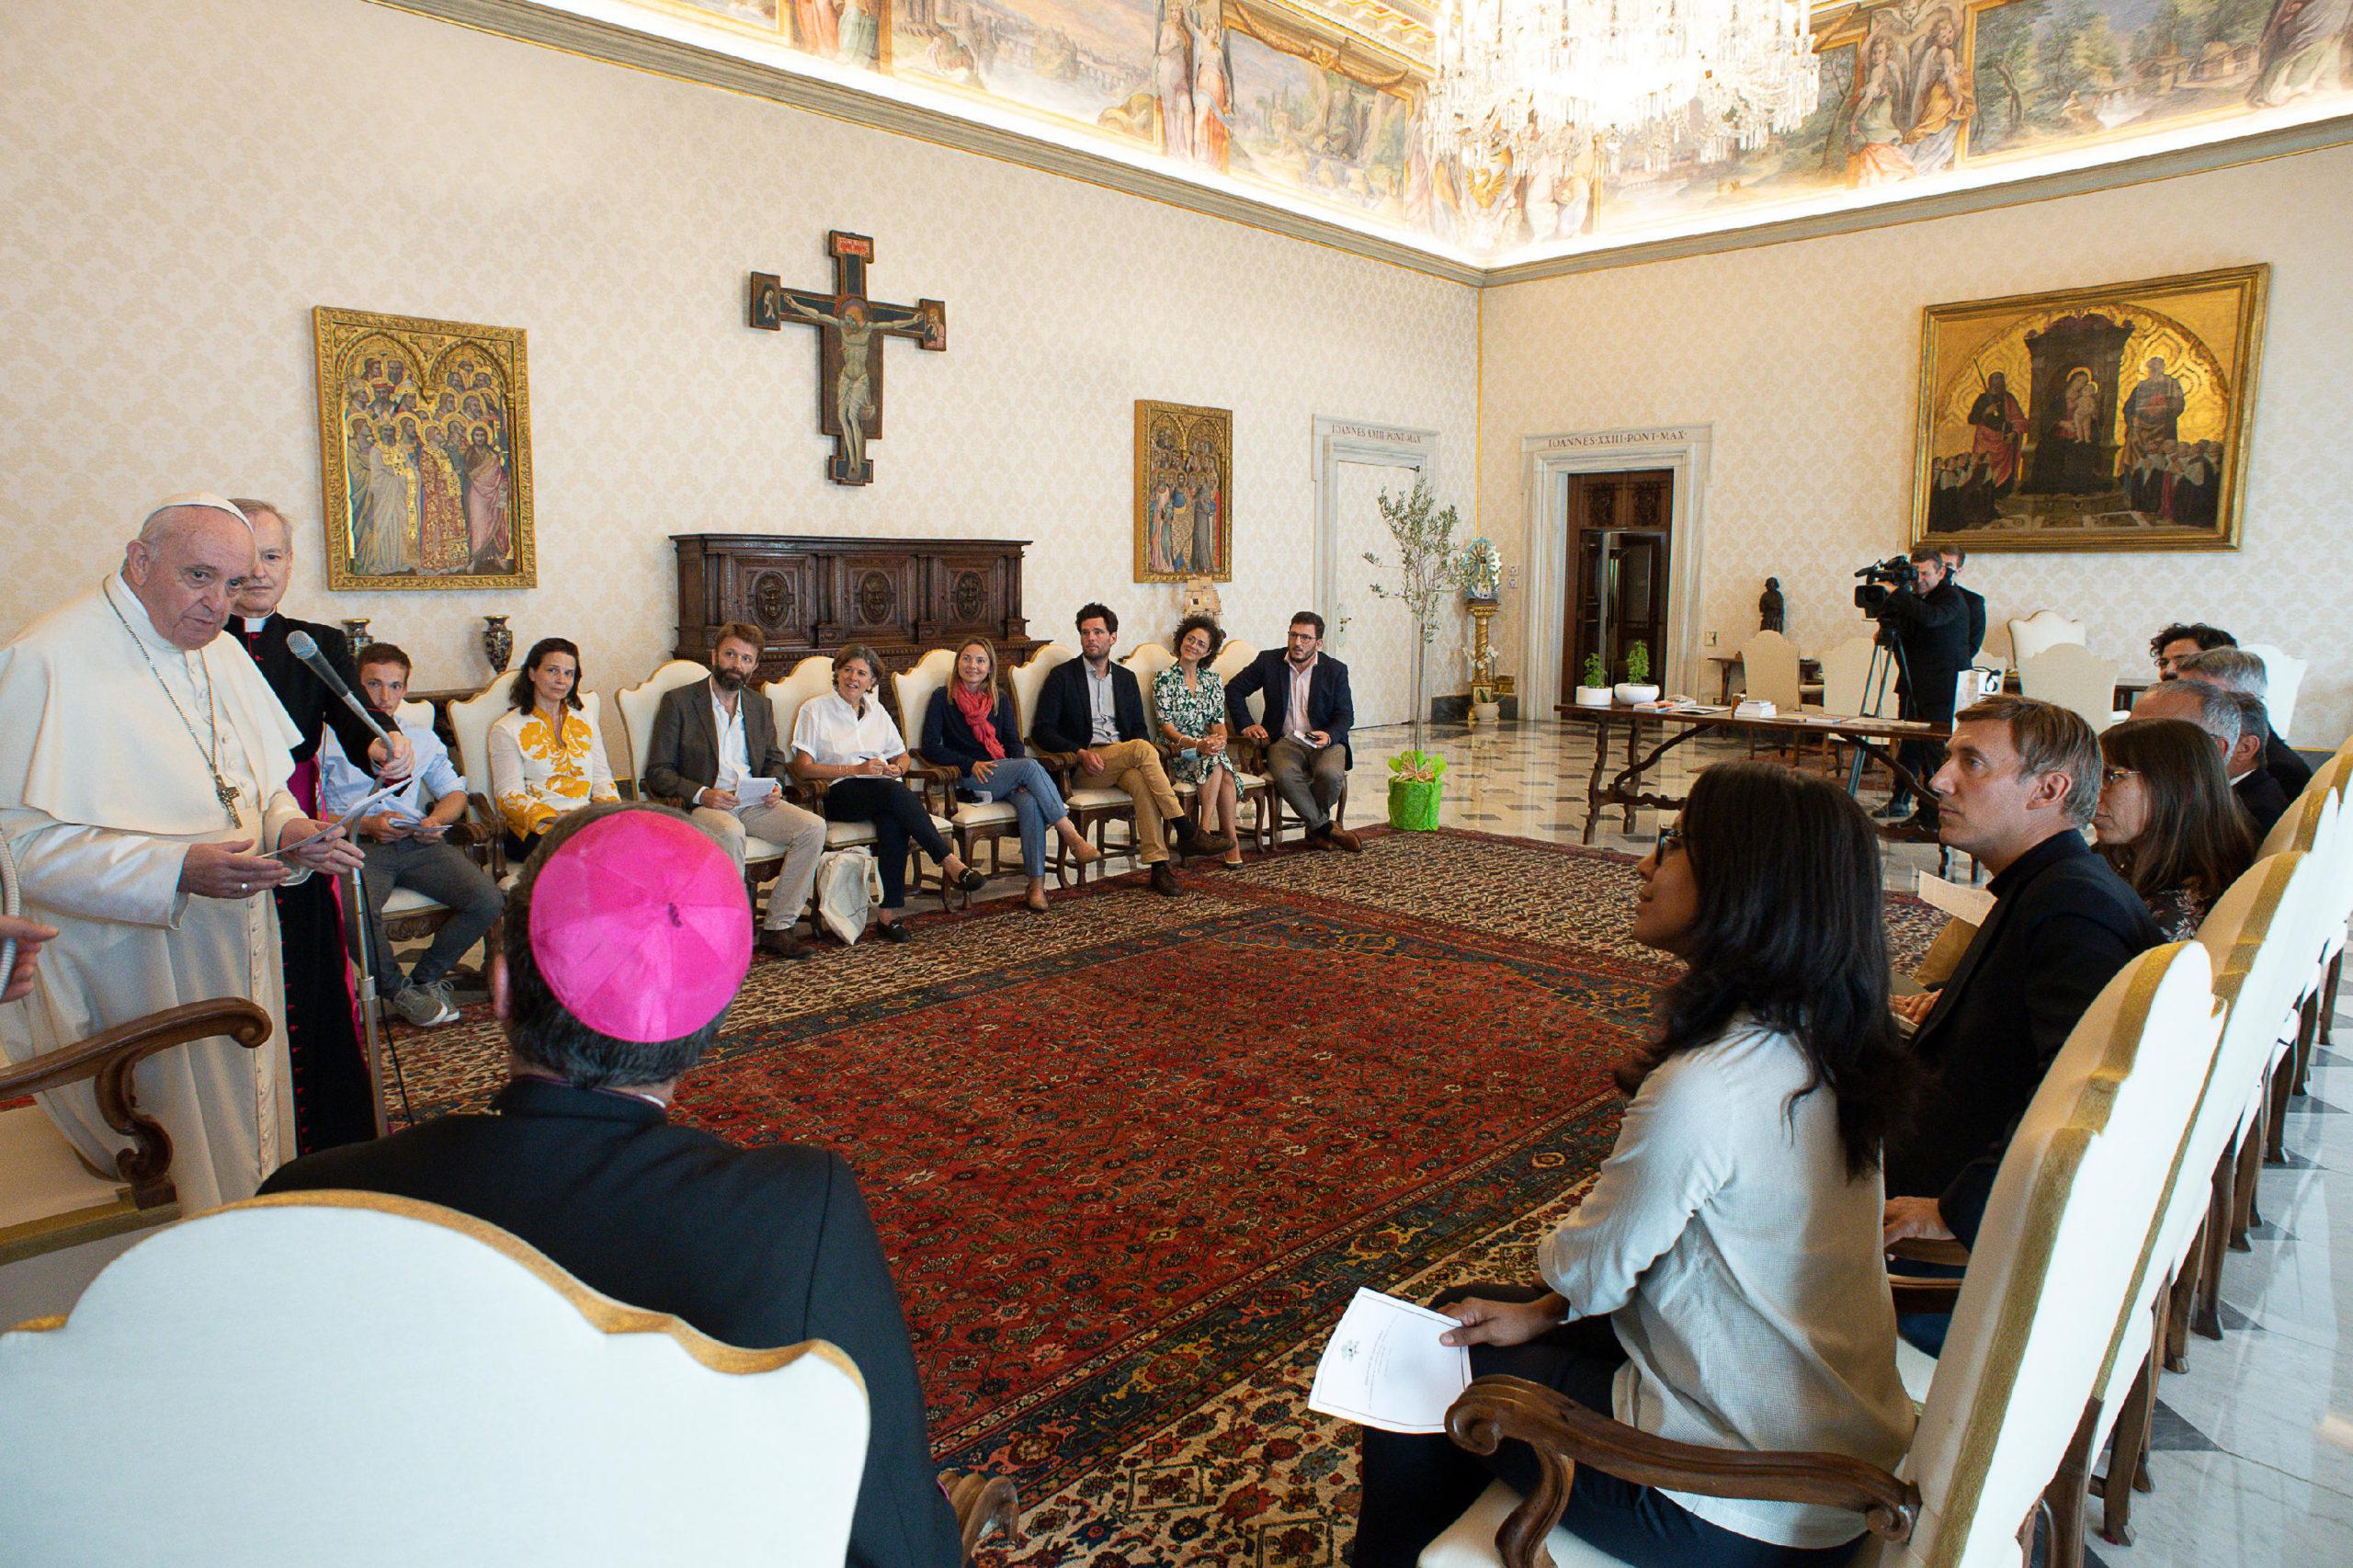 Francia: Discurso improvisado del Papa a expertos en ecología